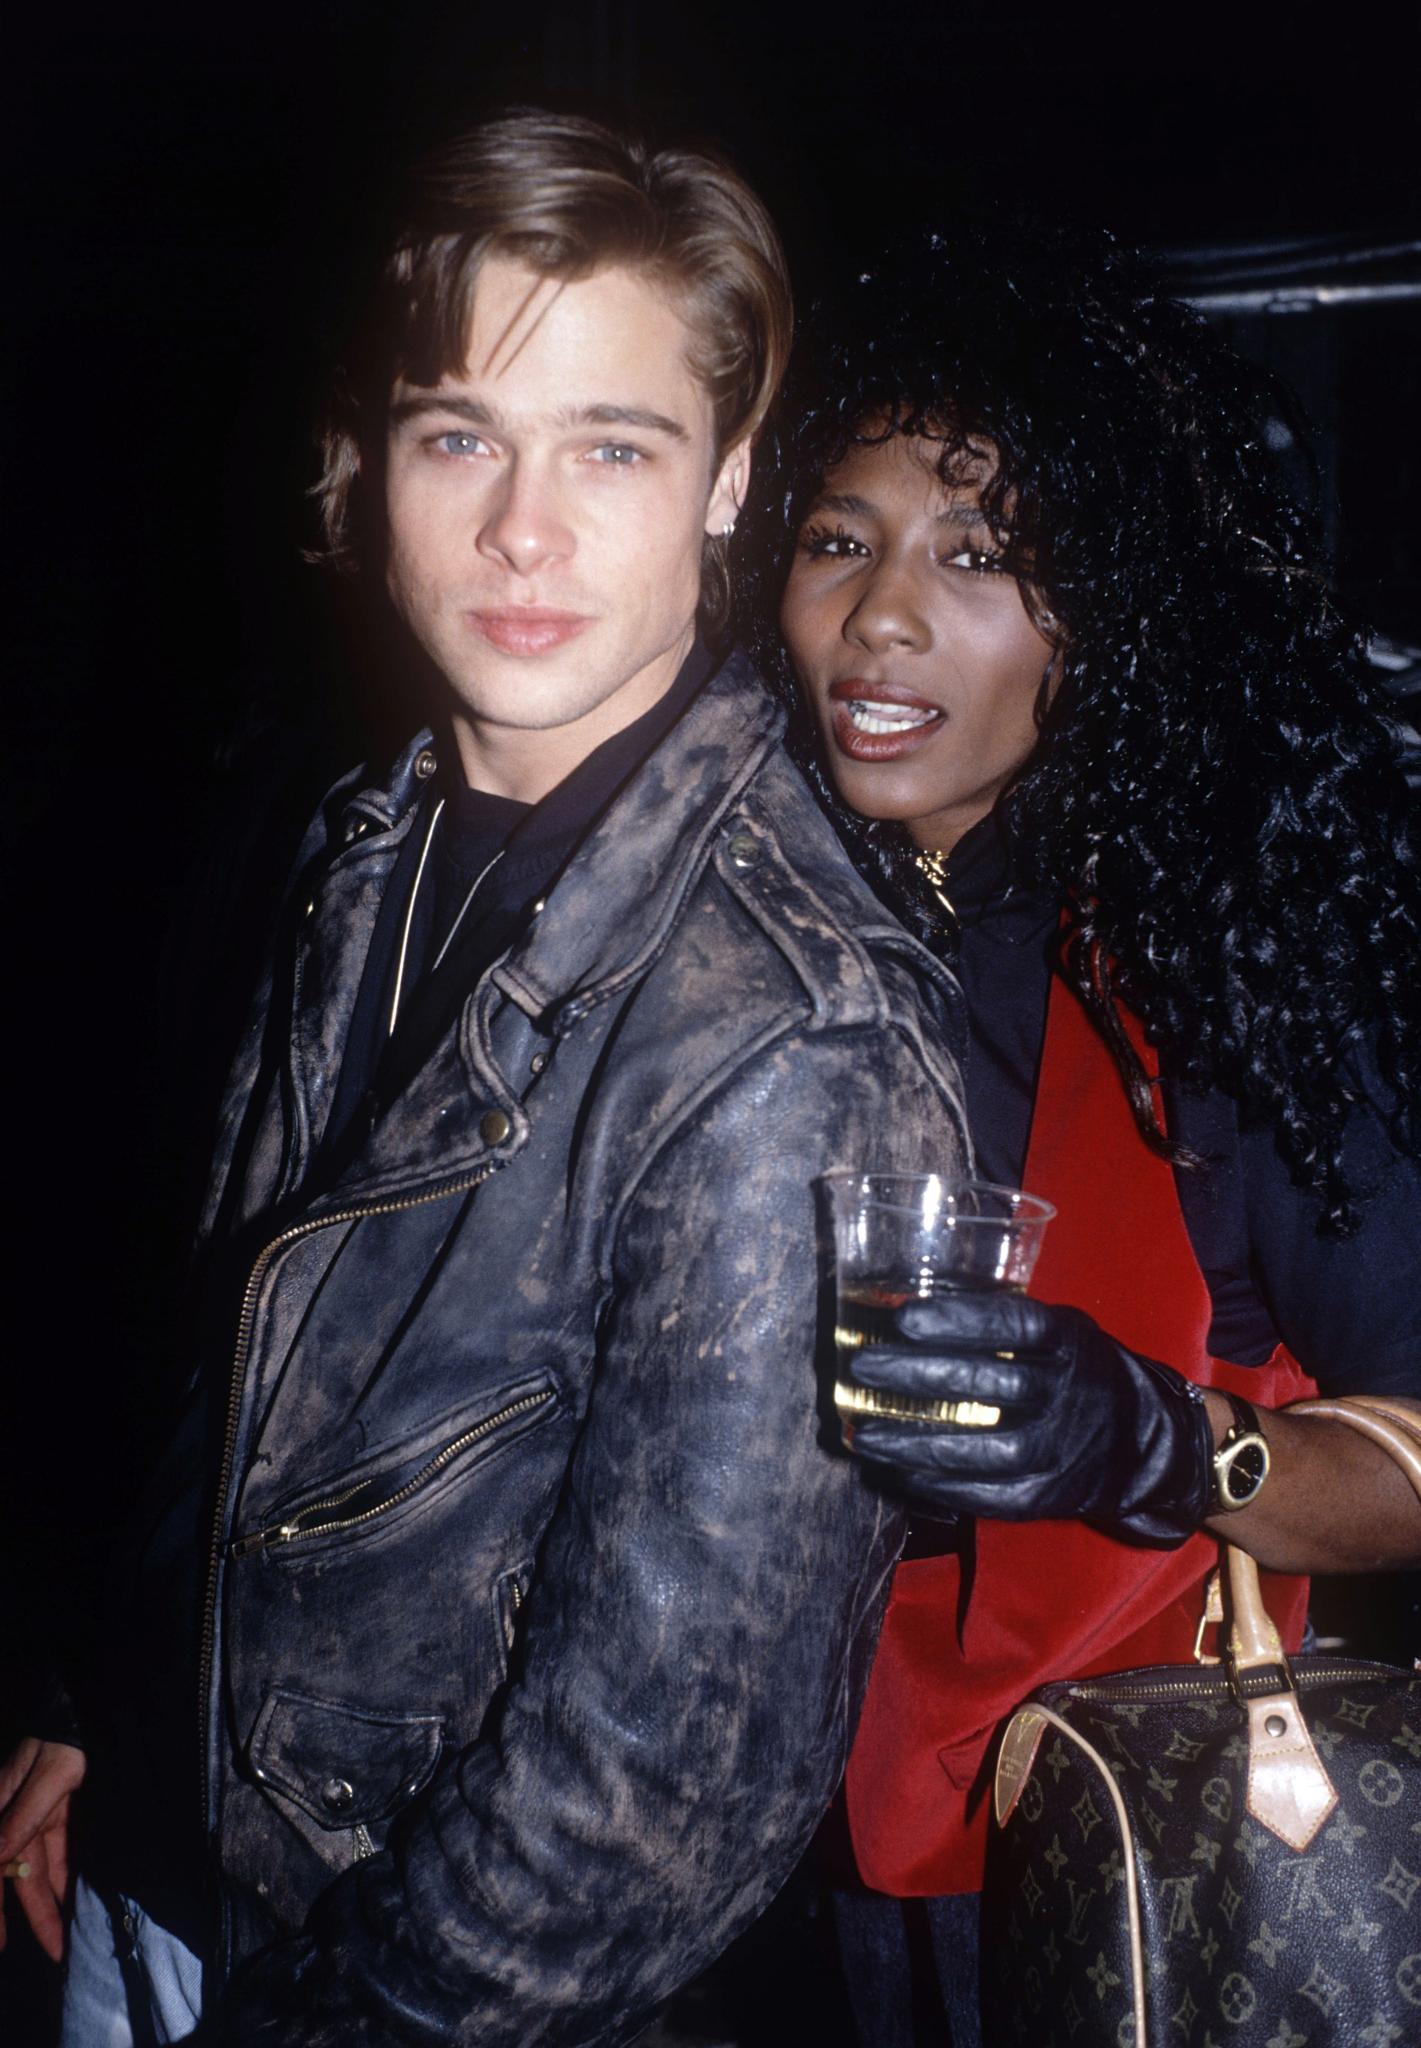 Ein Pärchenfoto aus dem Jahr 1988: Brad Pitt war zarte 25 Jahre alt, als er die Popsängerin Sinitta datete